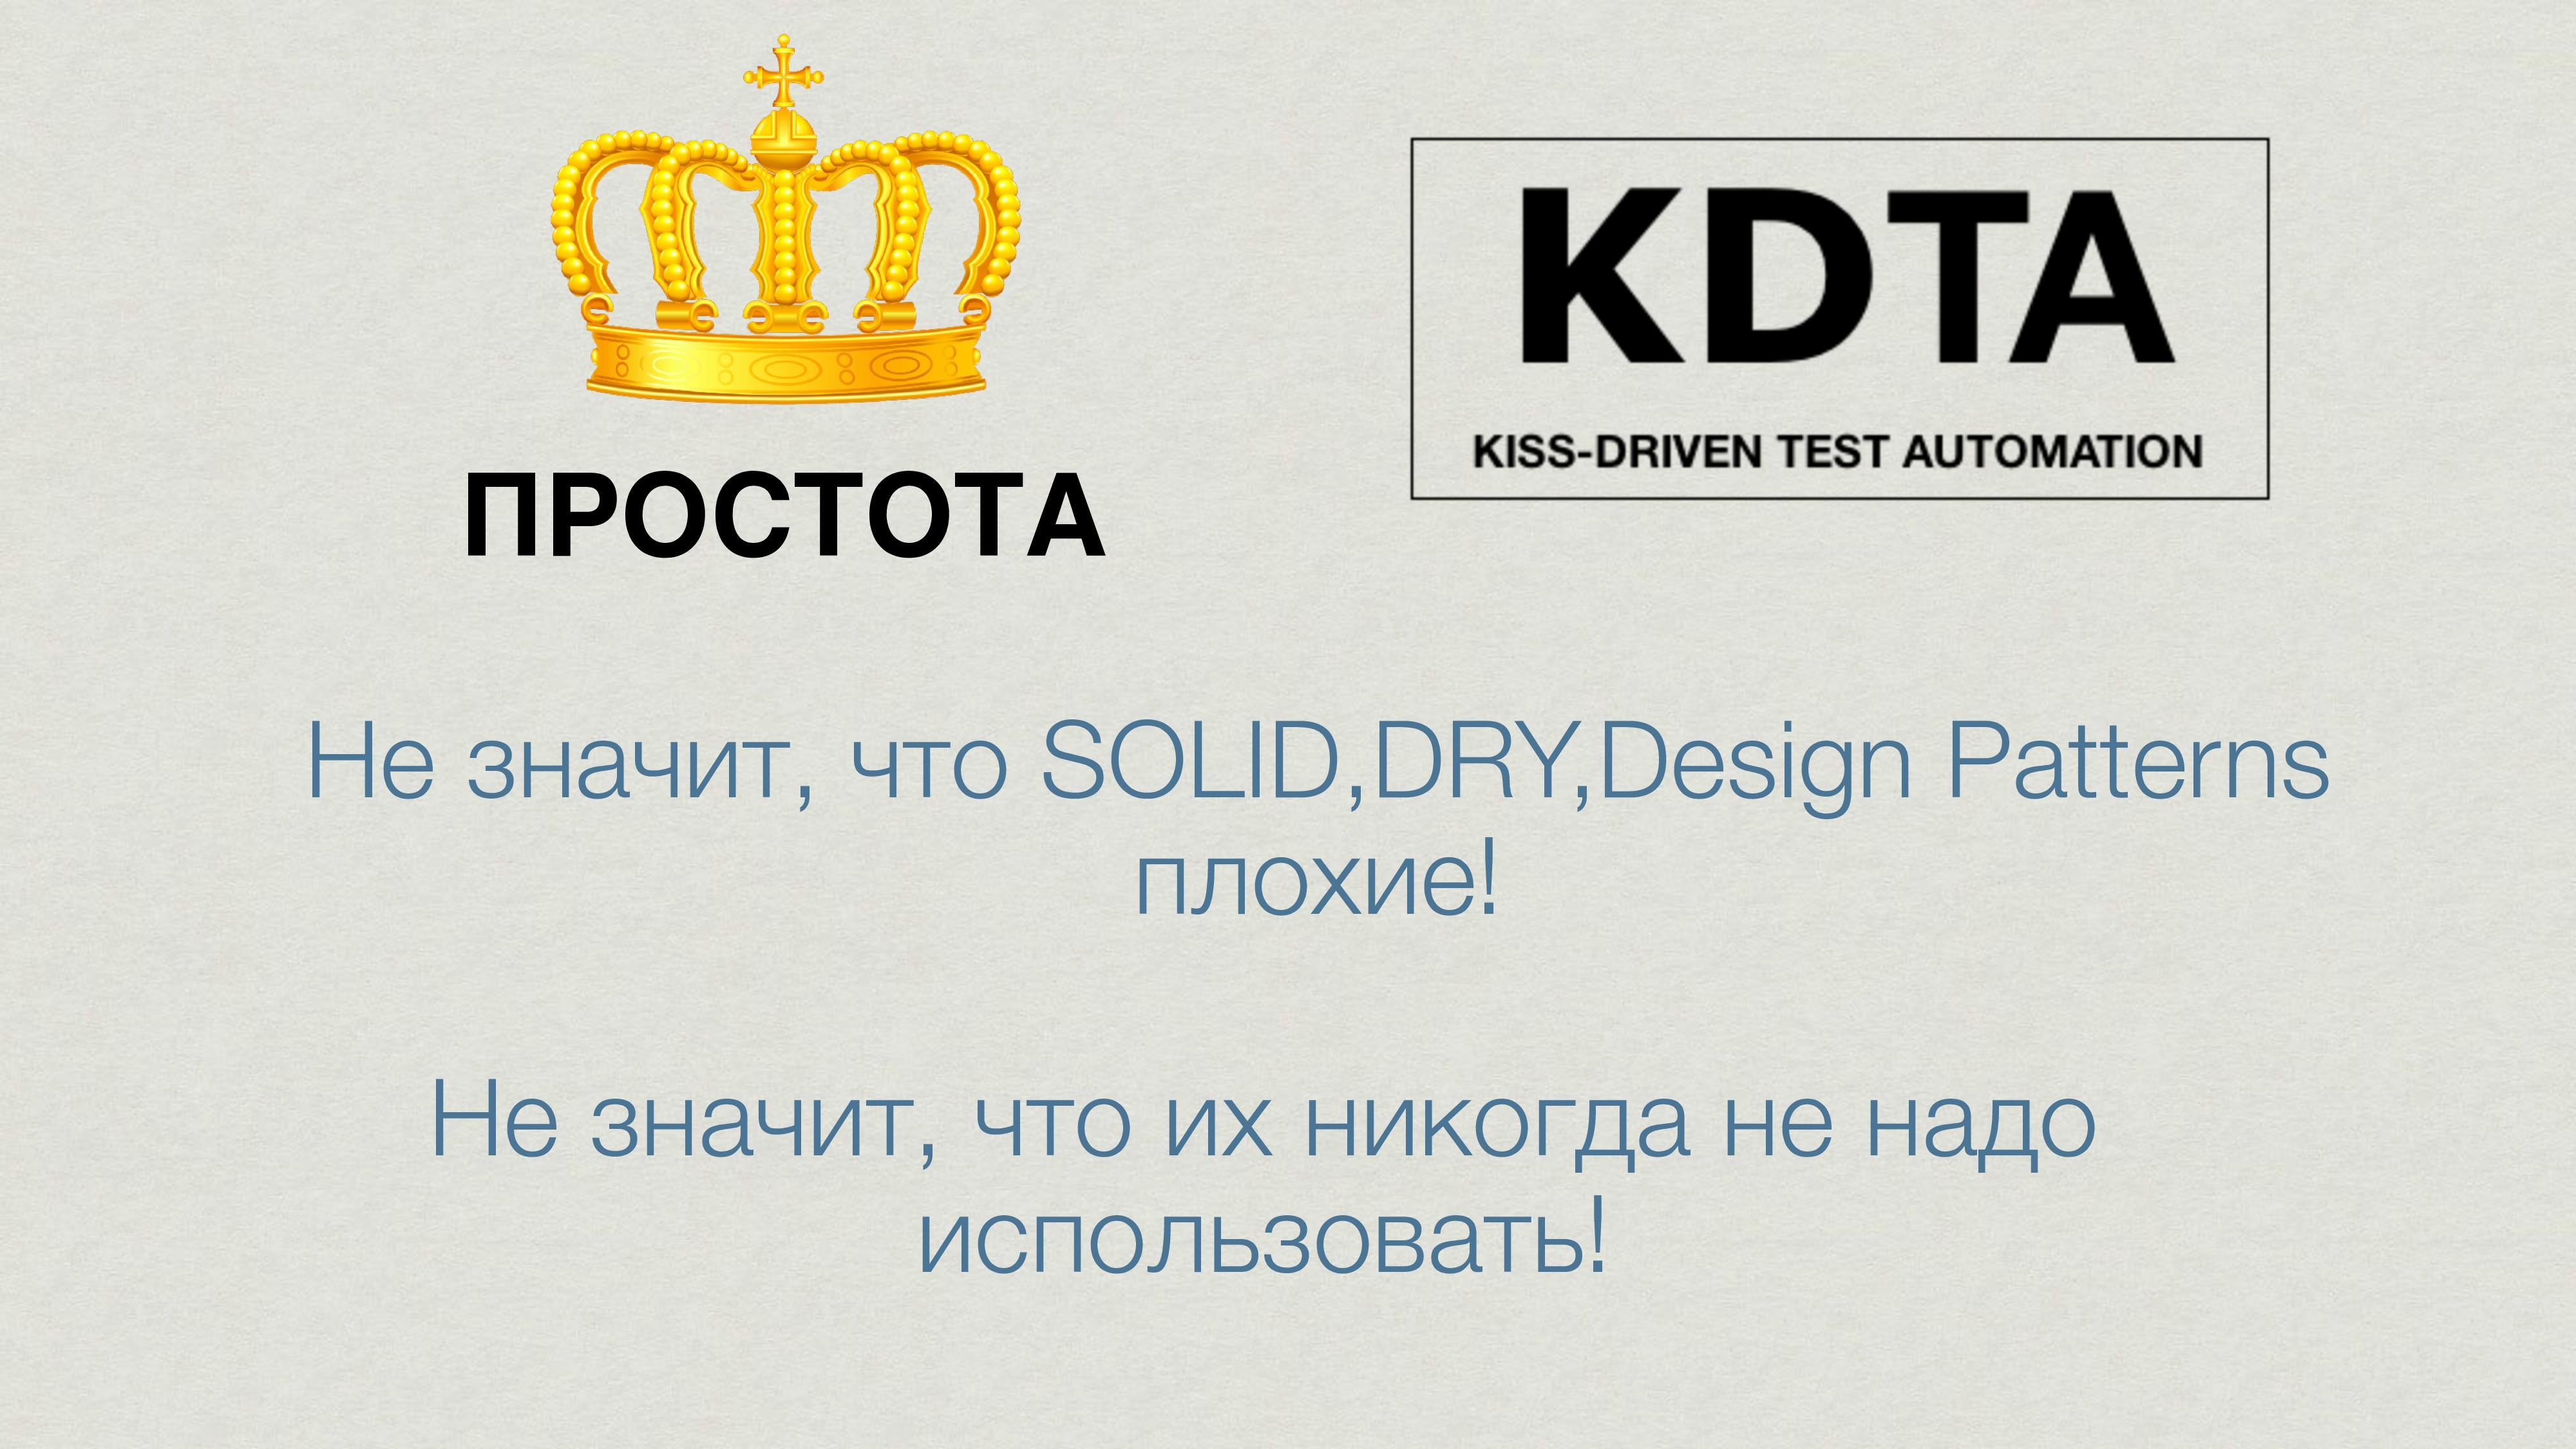 Не значит, что SOLID,DRY,Design Patterns плохие...